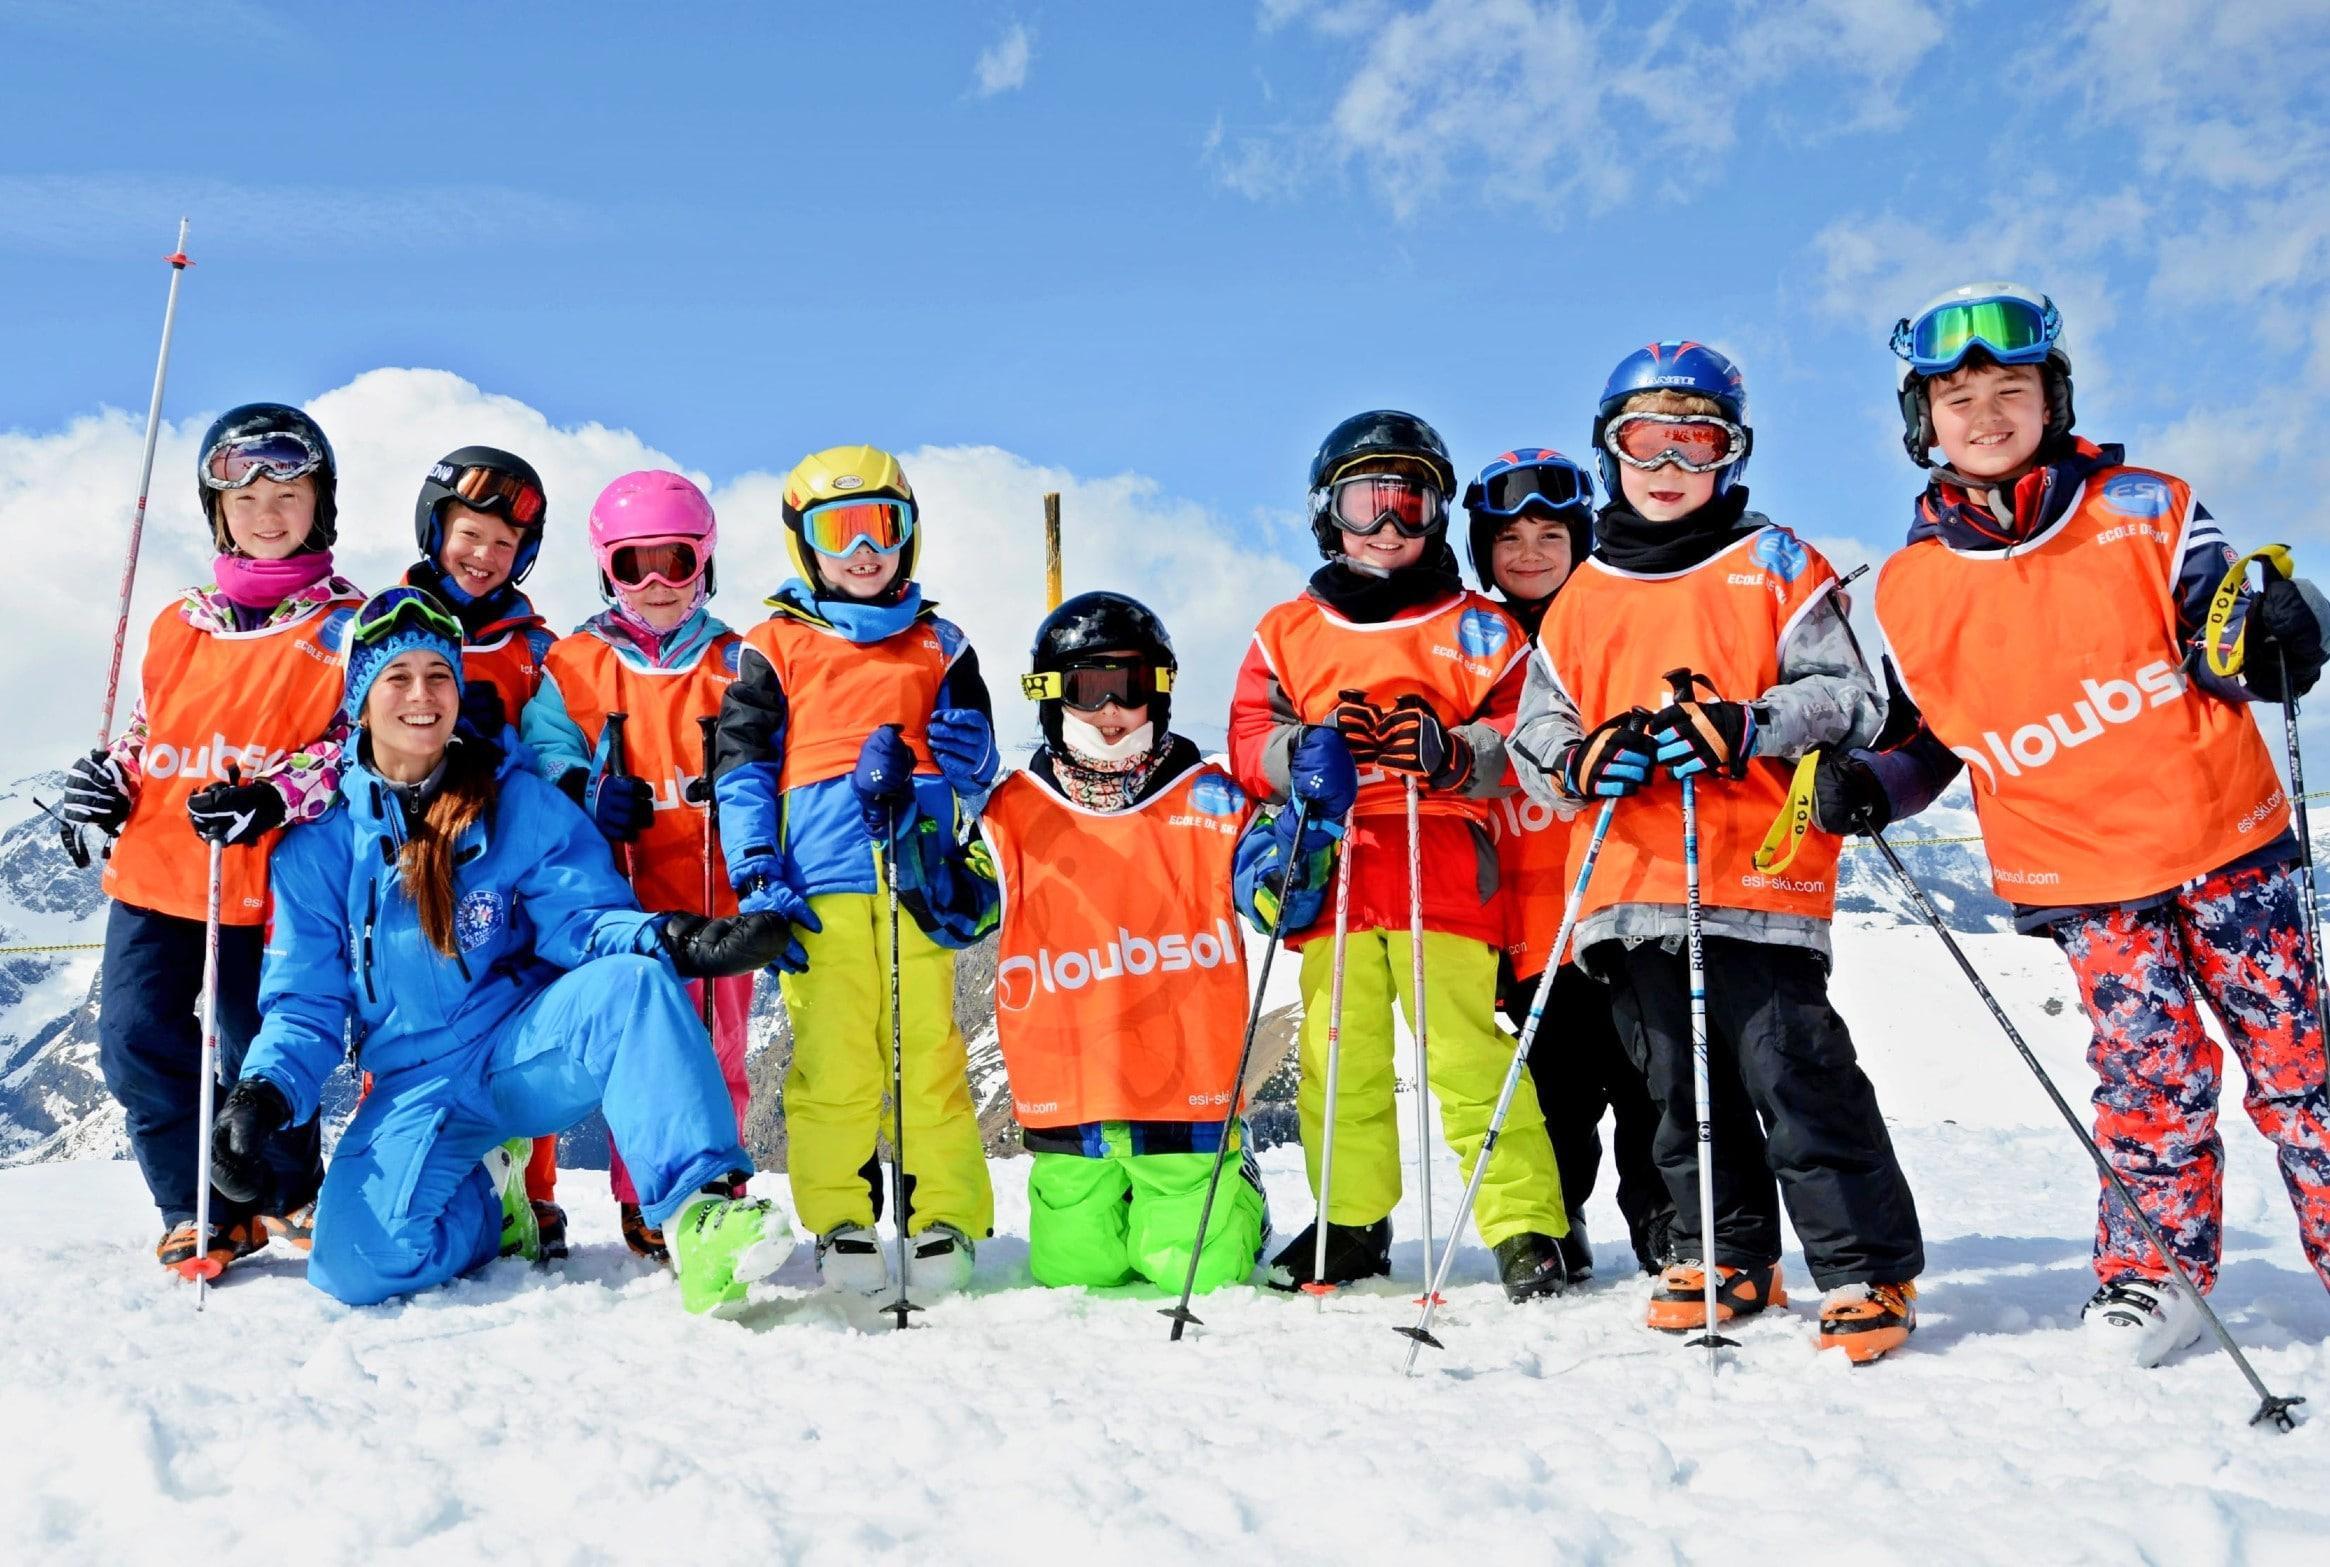 Cours de ski Enfants (4-12 ans) - Basse saison